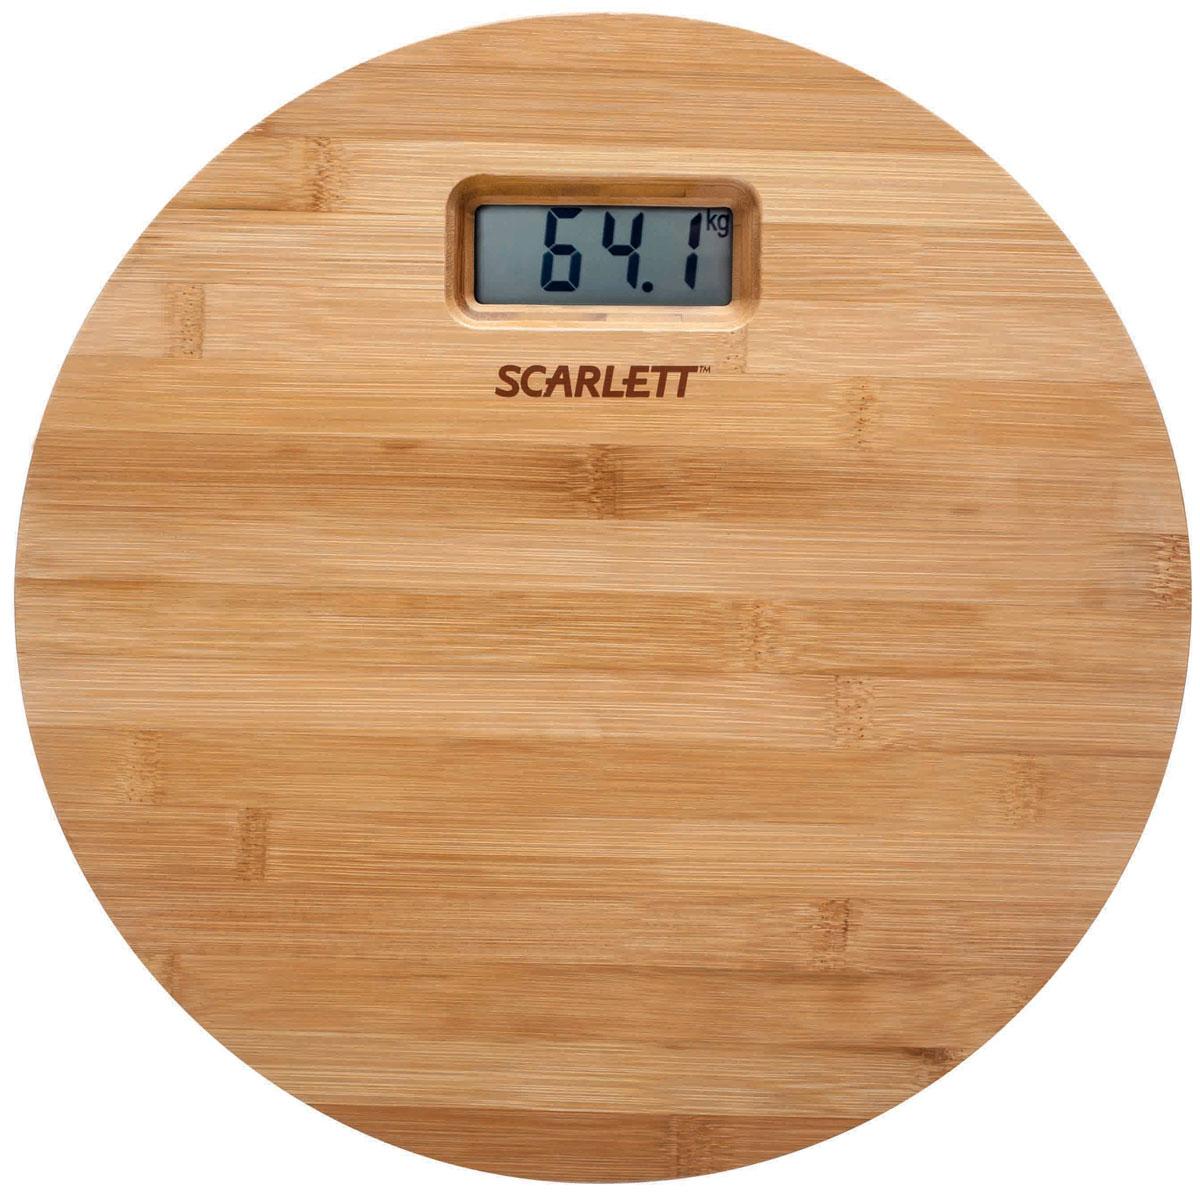 Scarlett SC-BS33E061, Bamboo напольные весыSC-BS33E061Напольные весы Scarlett SC-BS33E061 в экологичном корпусе из дерева позволят ежедневно контролировать вес человеку, заботящемуся о здоровье и стройной фигуре. Модель выдерживает нагрузку до 180 кг и выводит на дисплей результаты в килограммах, стоунах или фунтах. Электронный дисплей оснащен хорошо видимыми символами. Для запуска Scarlett SC-BS33E061 достаточно всего лишь одного прикосновения, а также весы способны самостоятельно выключаться после использования. Прорезиненные ножки Индикатор перегрузки Индикатор заряда батареи